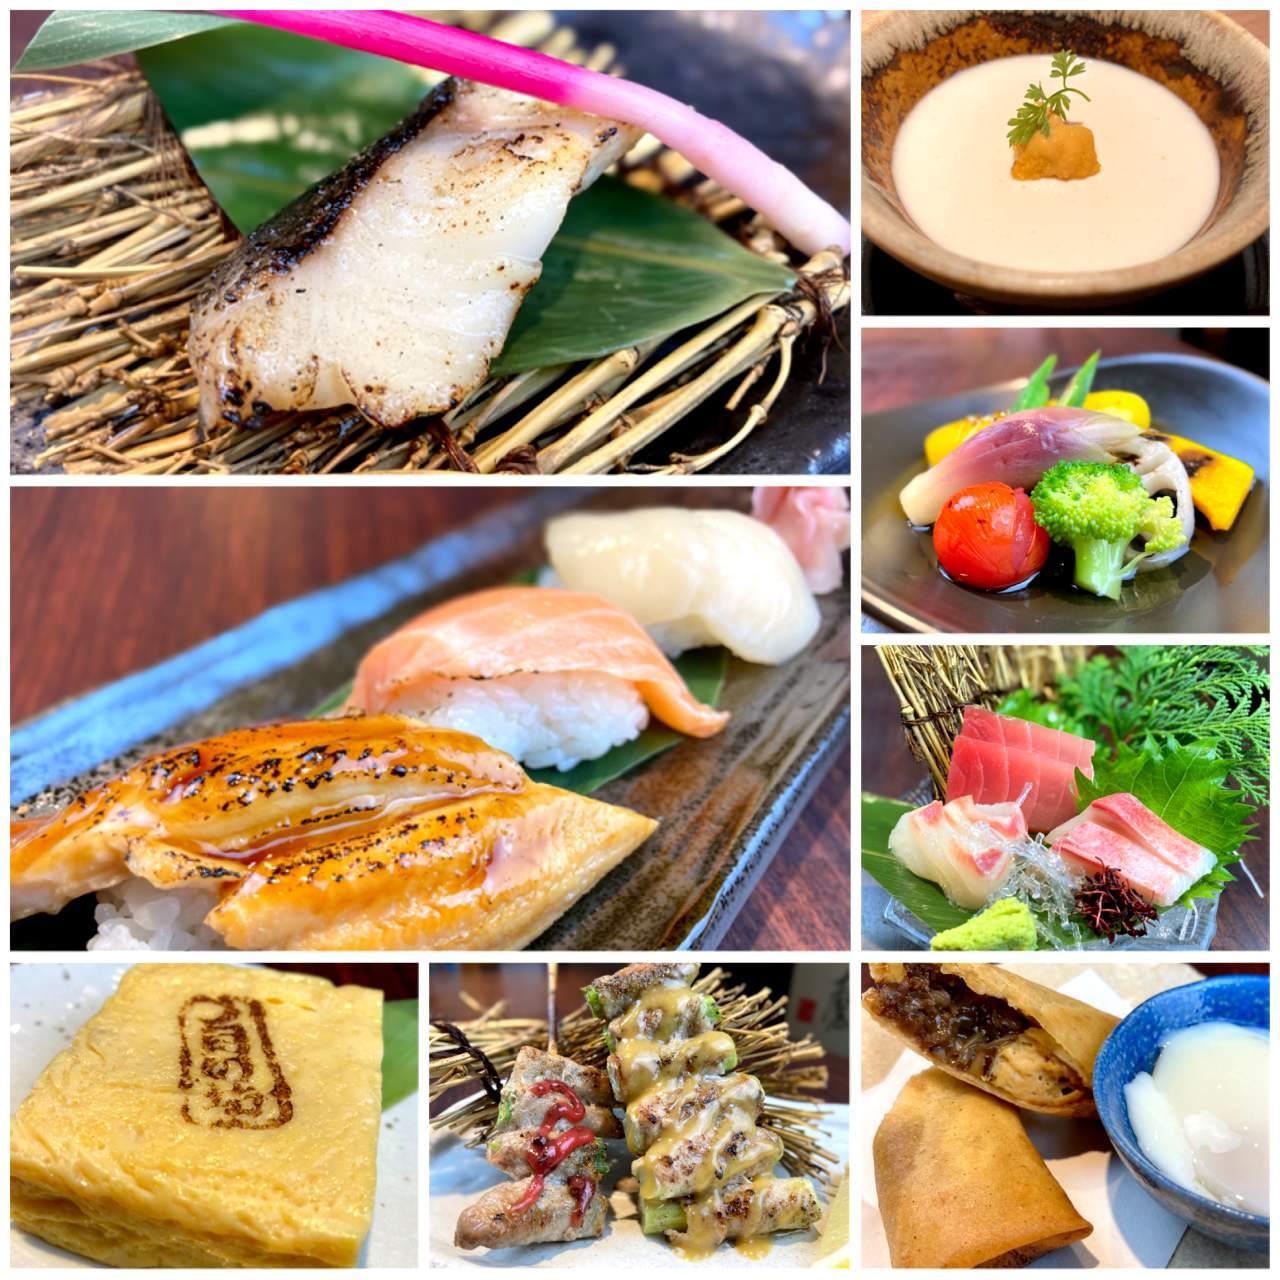 《全てのお料理を個別銘々盛りで食事を堪能》◆全8品の淡月コース◆3,900円(税込)